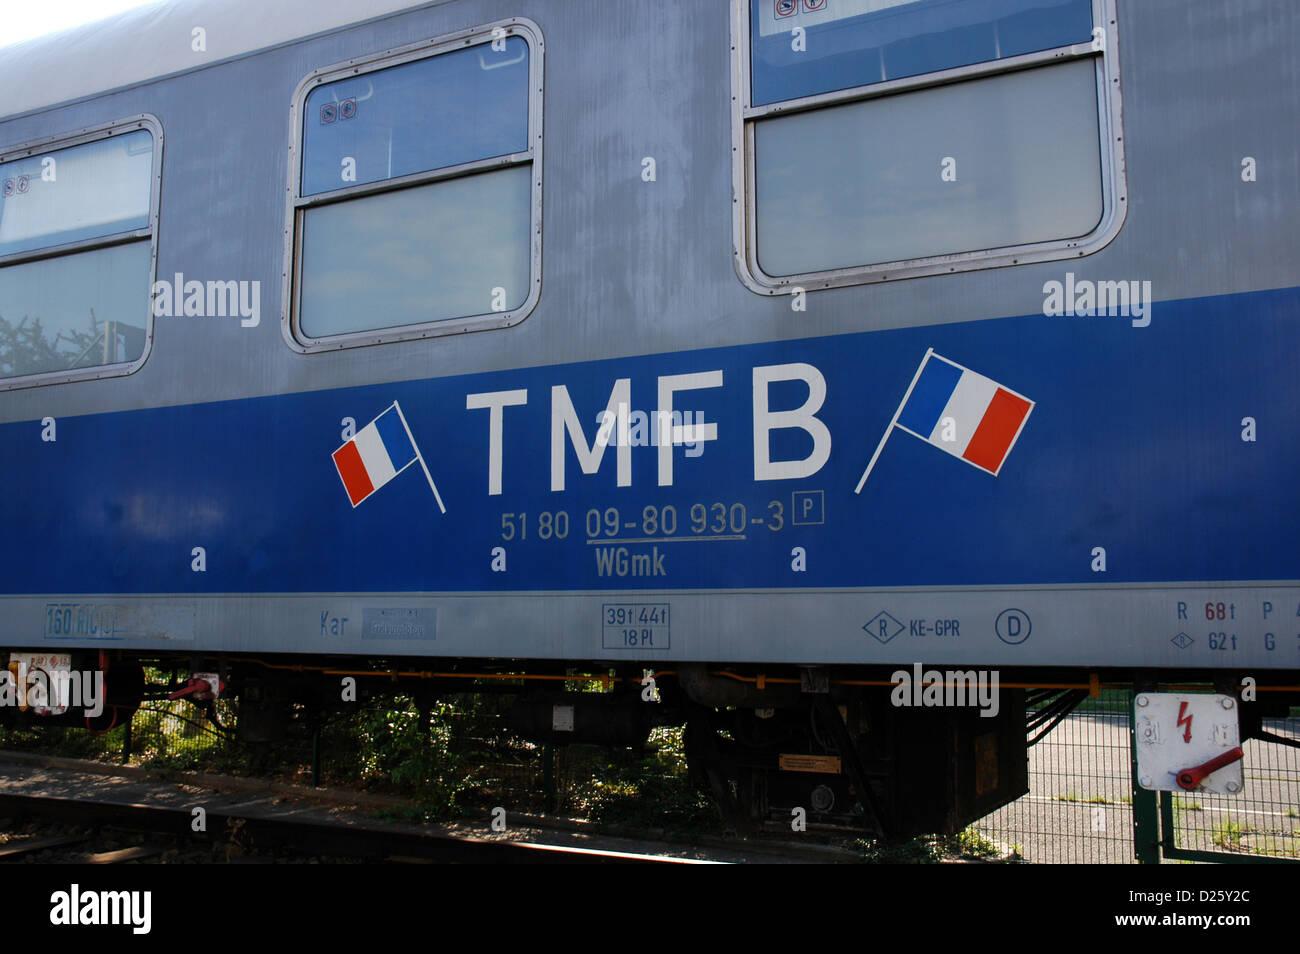 Vagón de un tren militar francés que cubría la ruta Berlín-Estrasburgo. Durante la Guerra Fría. Imagen De Stock